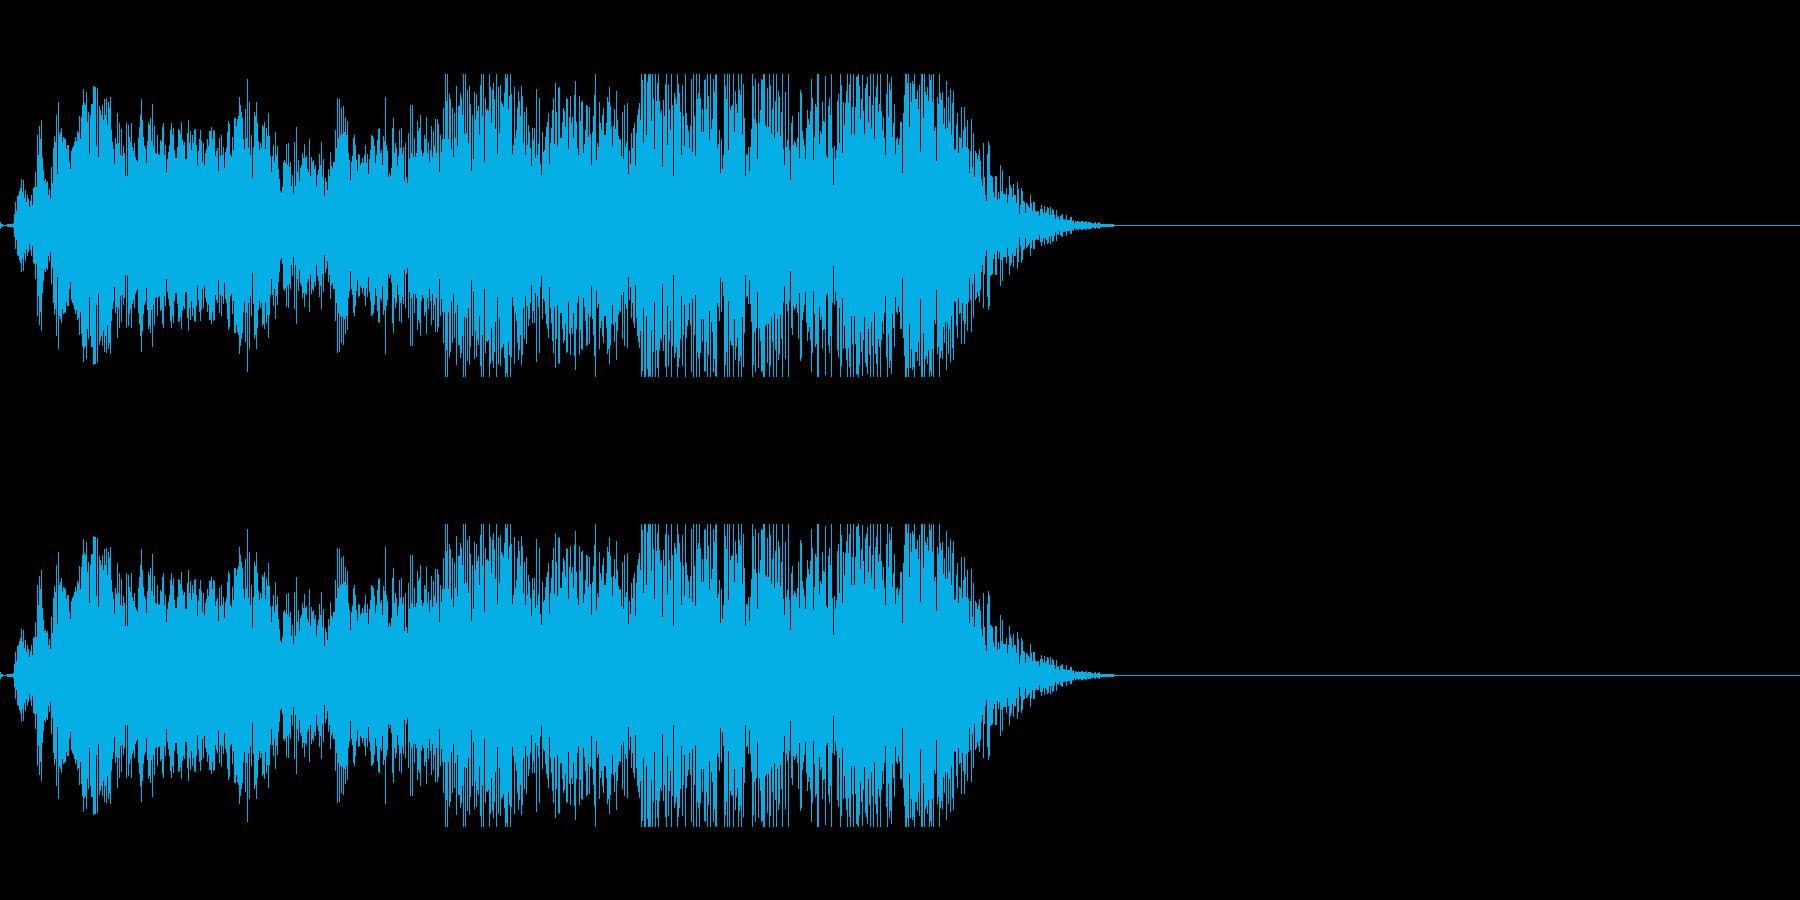 不気味に響く声らしき音…2の再生済みの波形